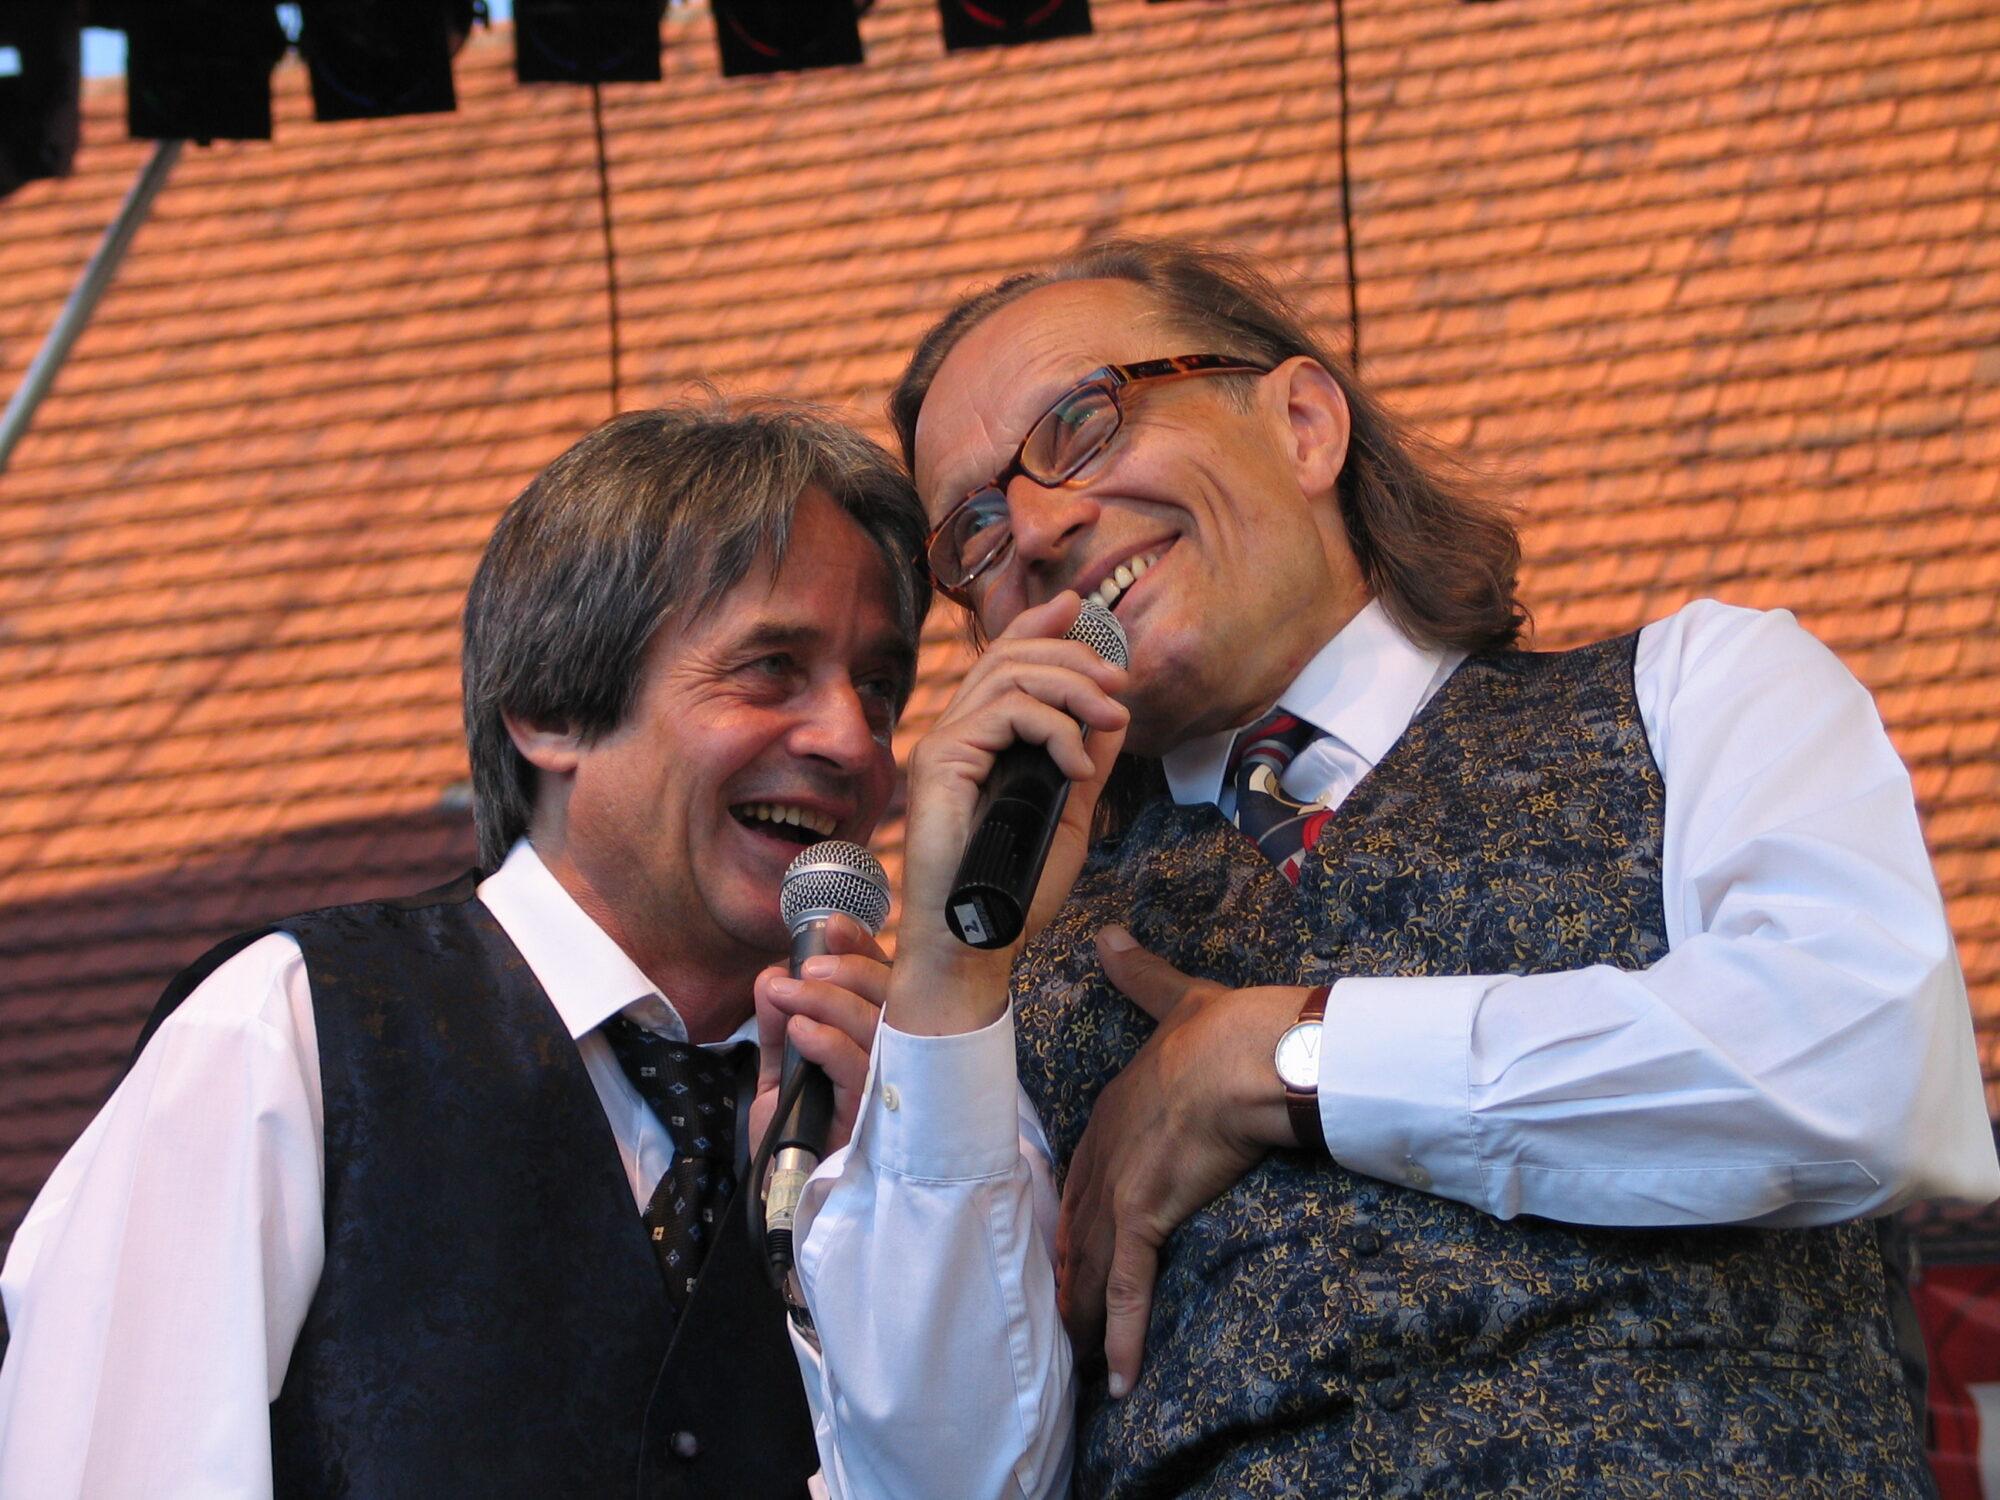 Zdjęcie przedstawia uśmiechniętych Ecika i Masztalskiego podczas występu przed publicznością